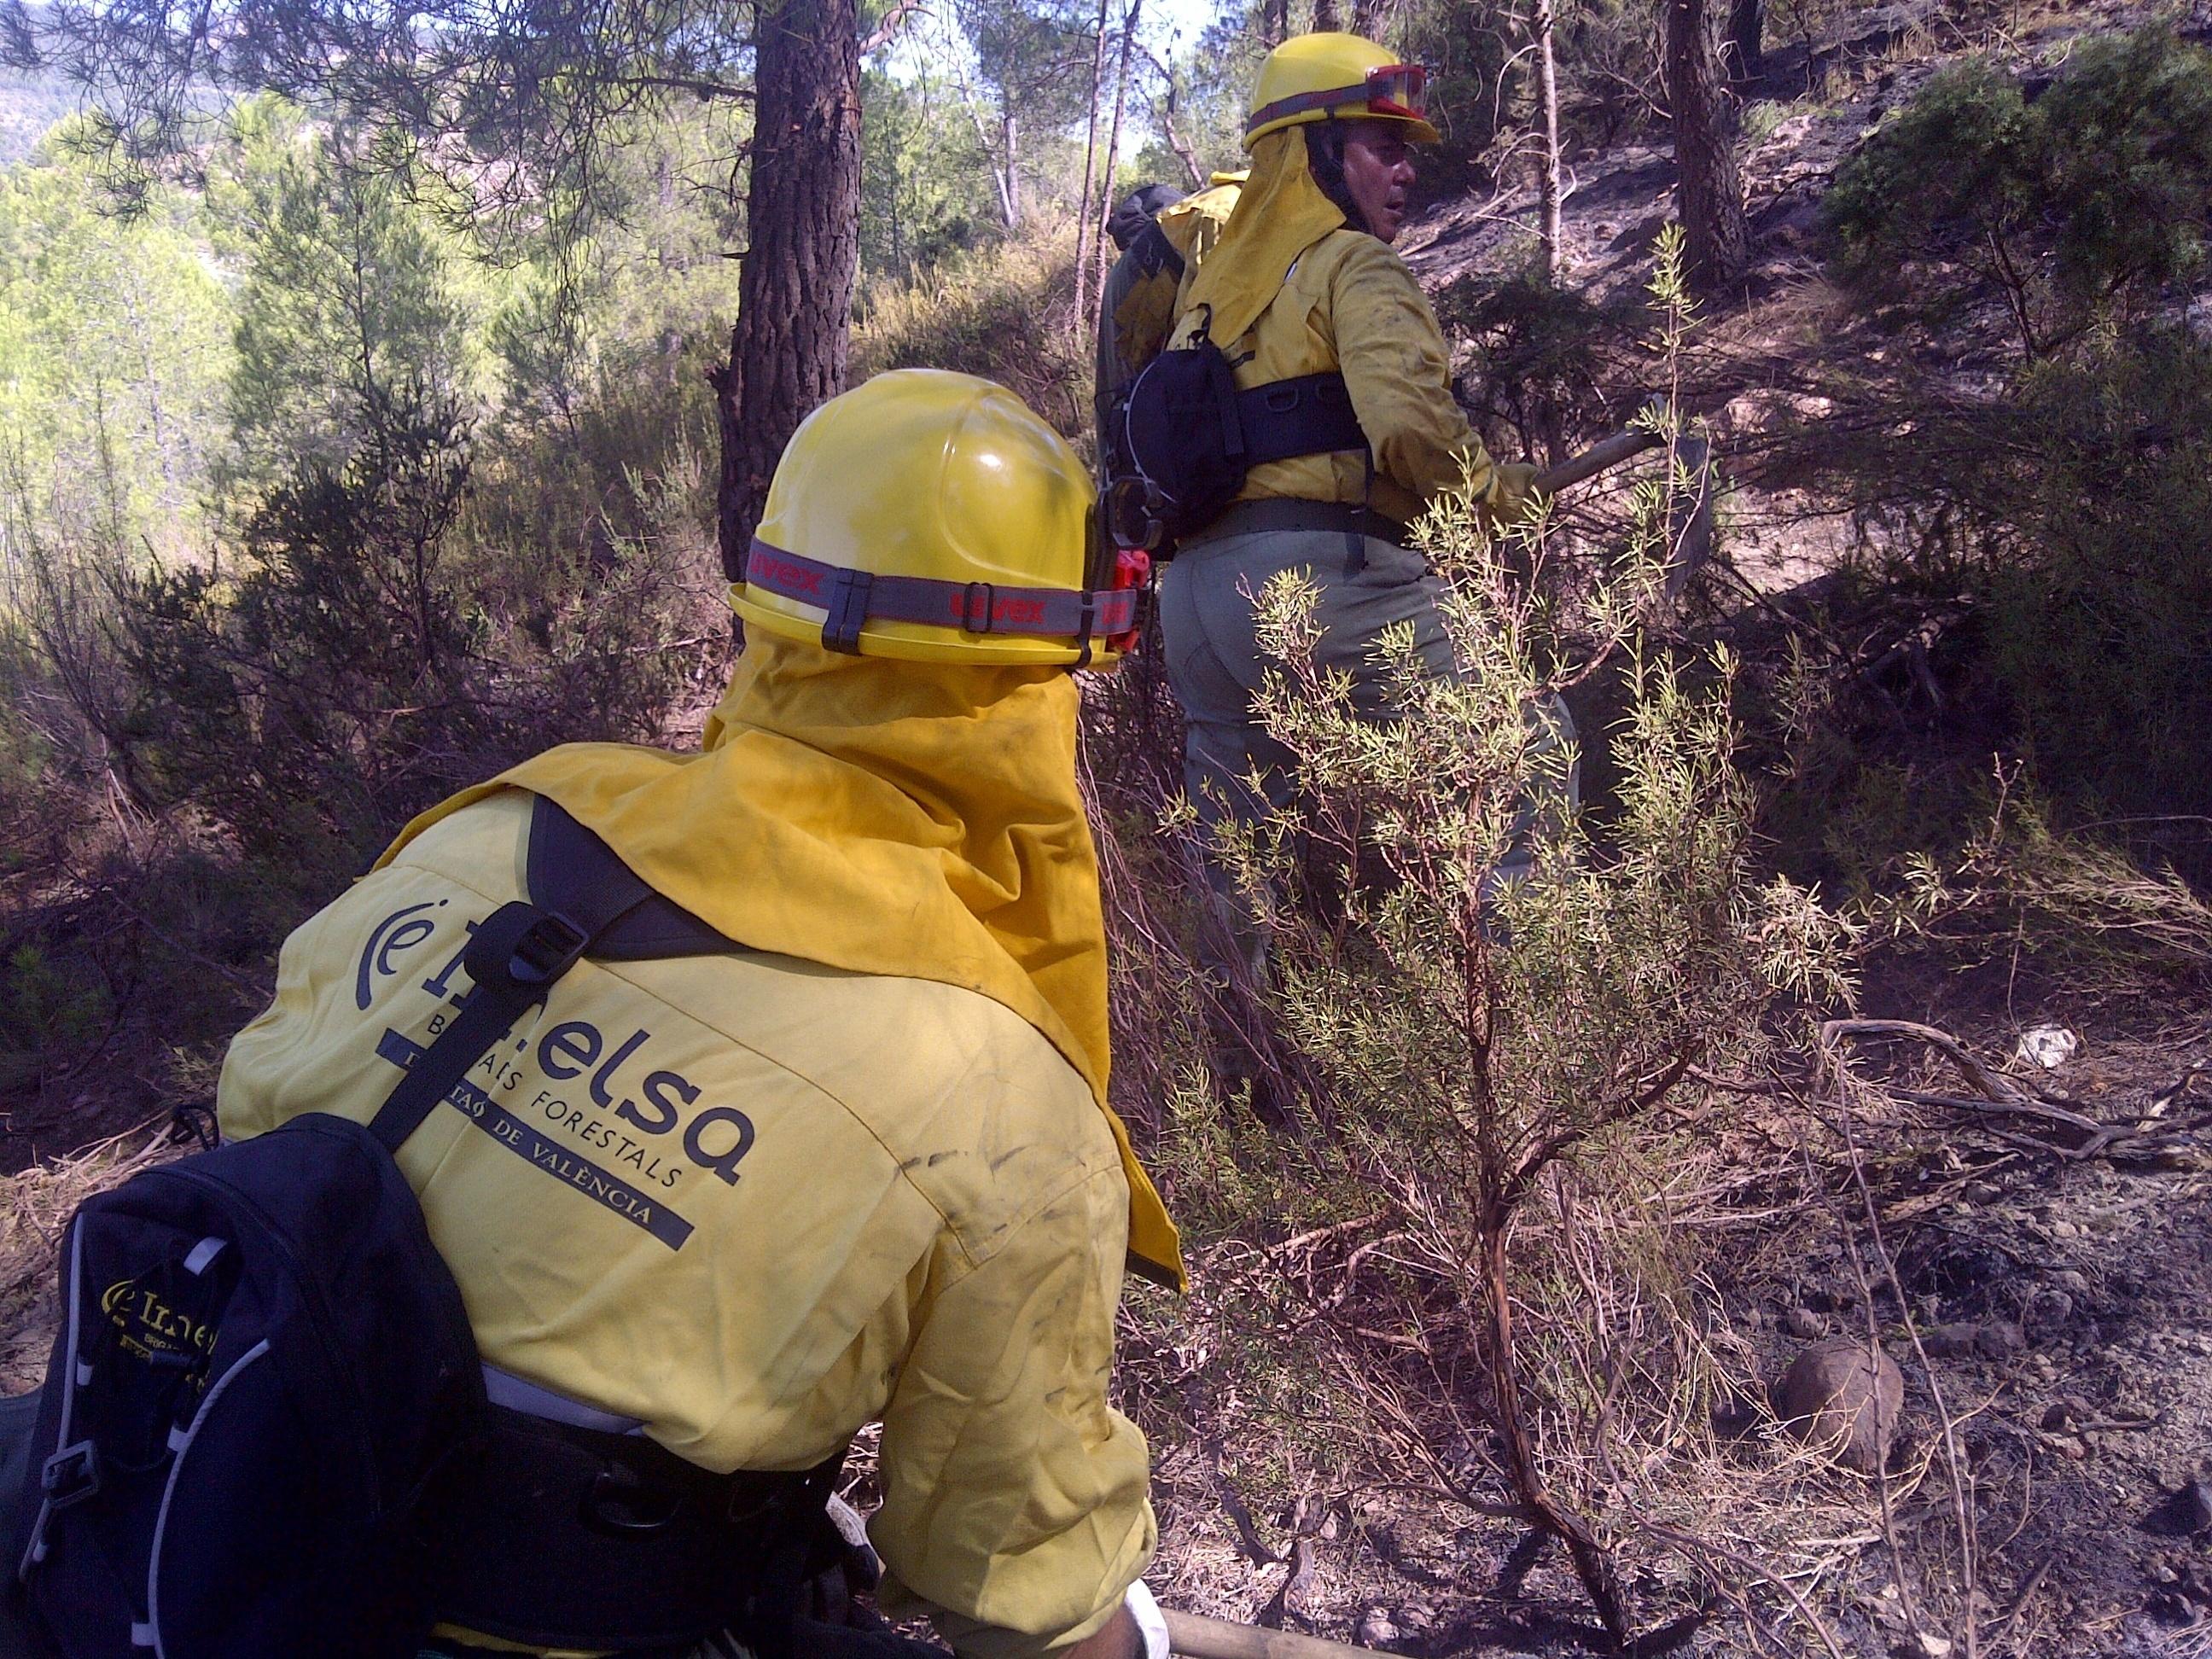 La Generalitat mantiene la preemergencia por riesgo de incendios forestales en toda la Comunitat Valenciana